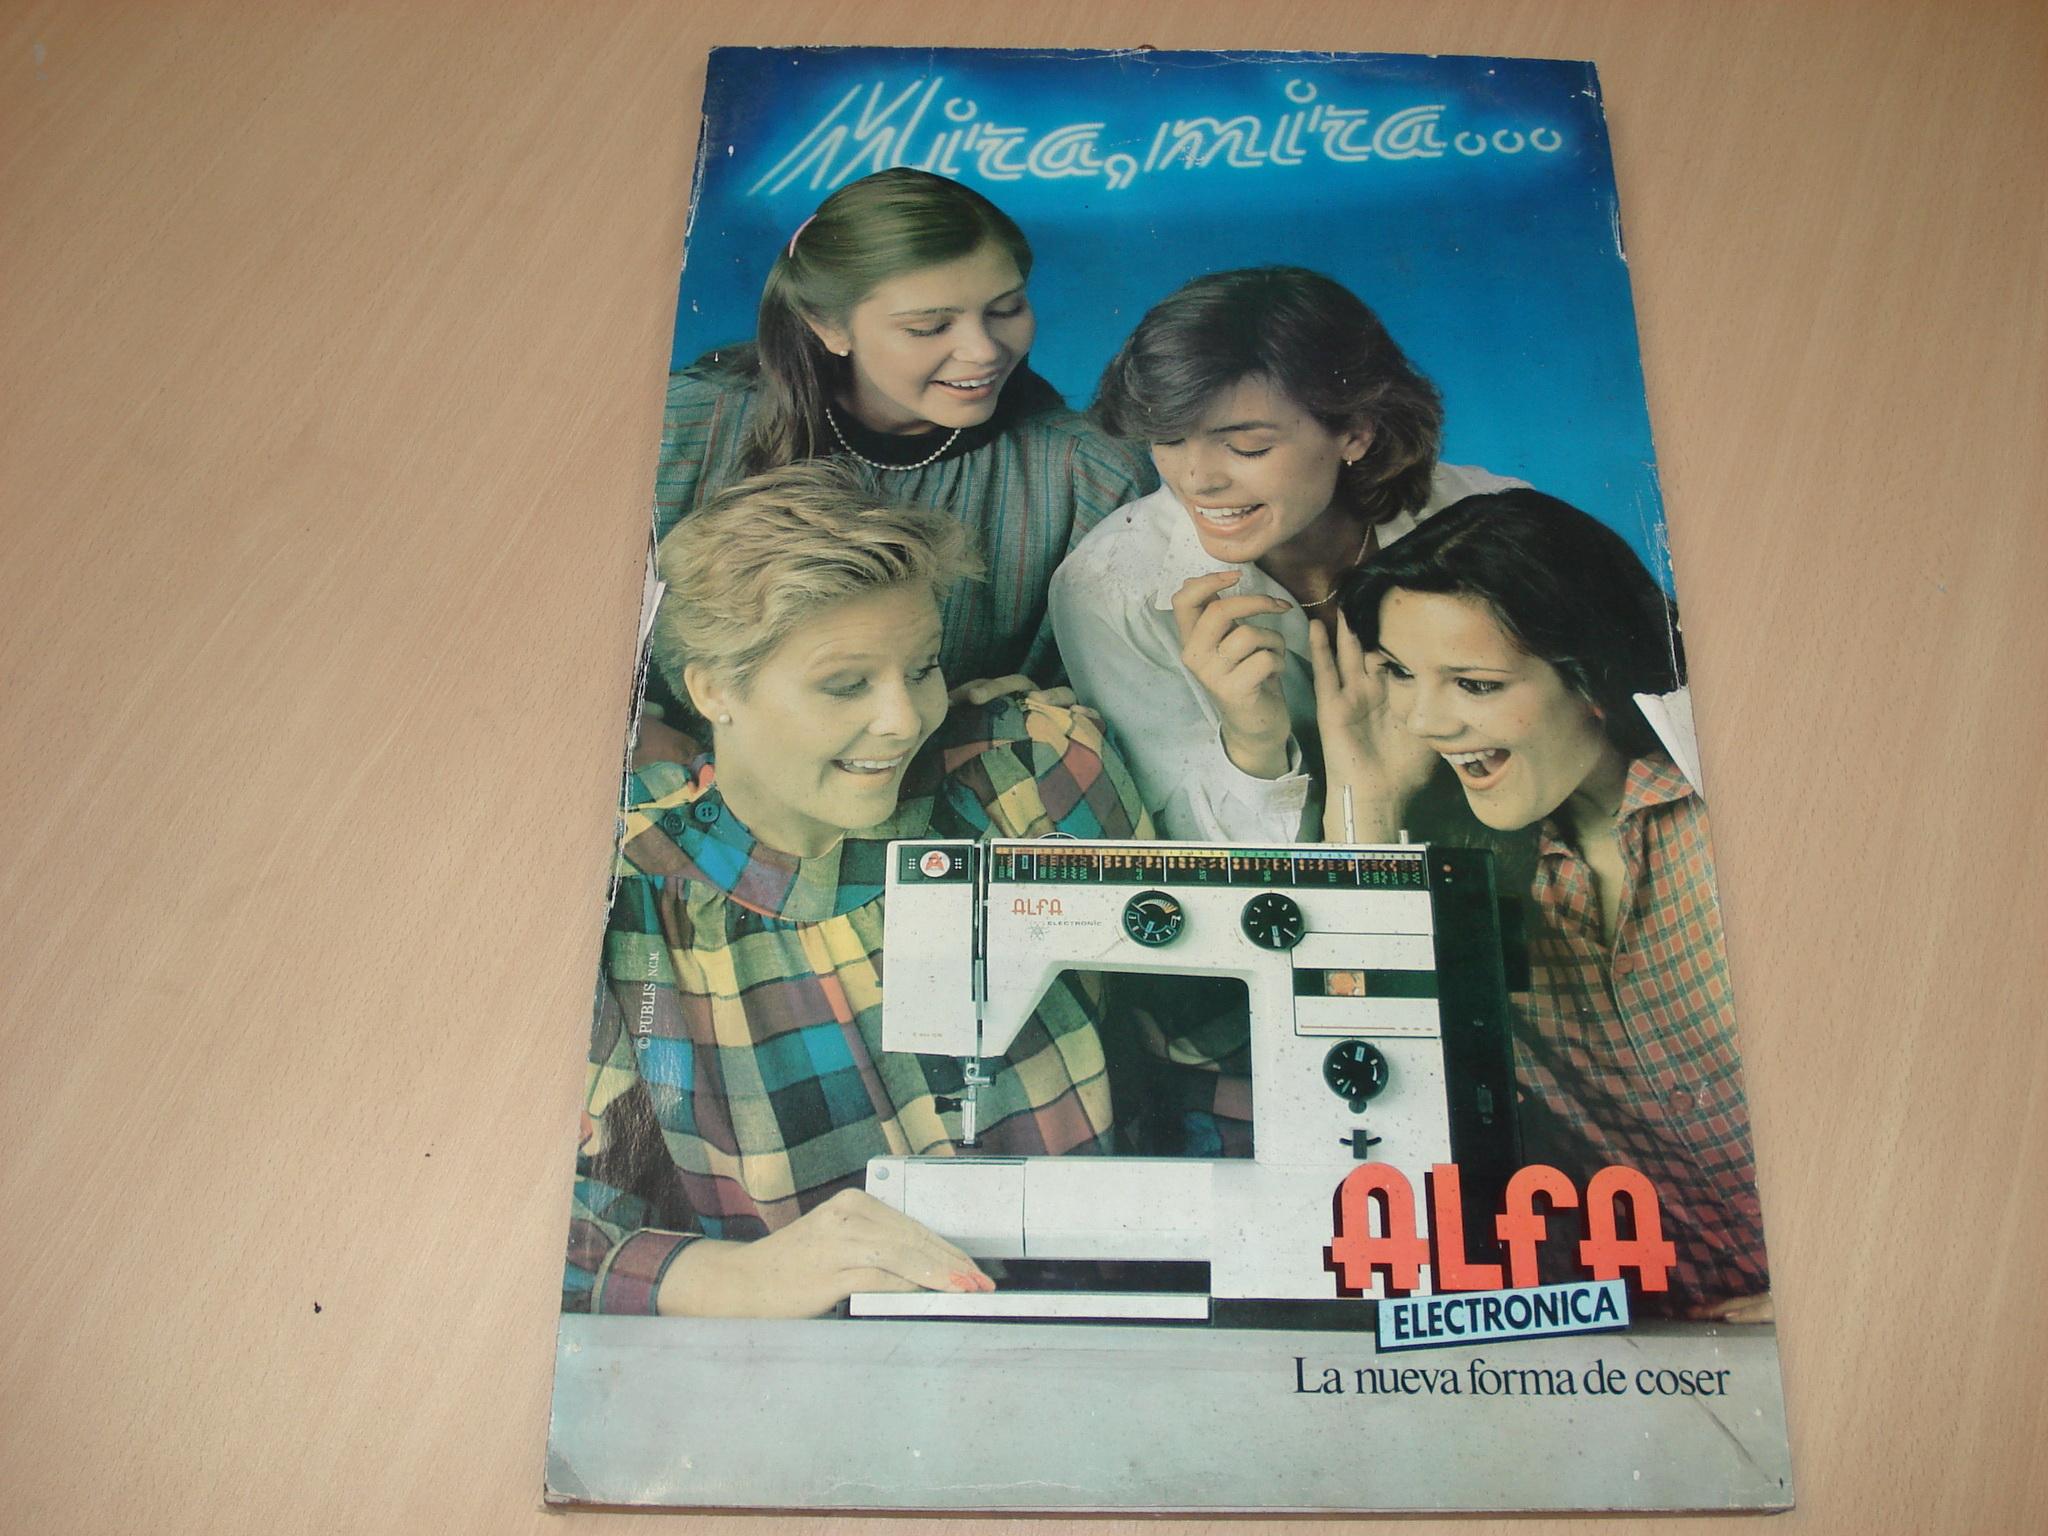 Cartel publicitario de ALFA